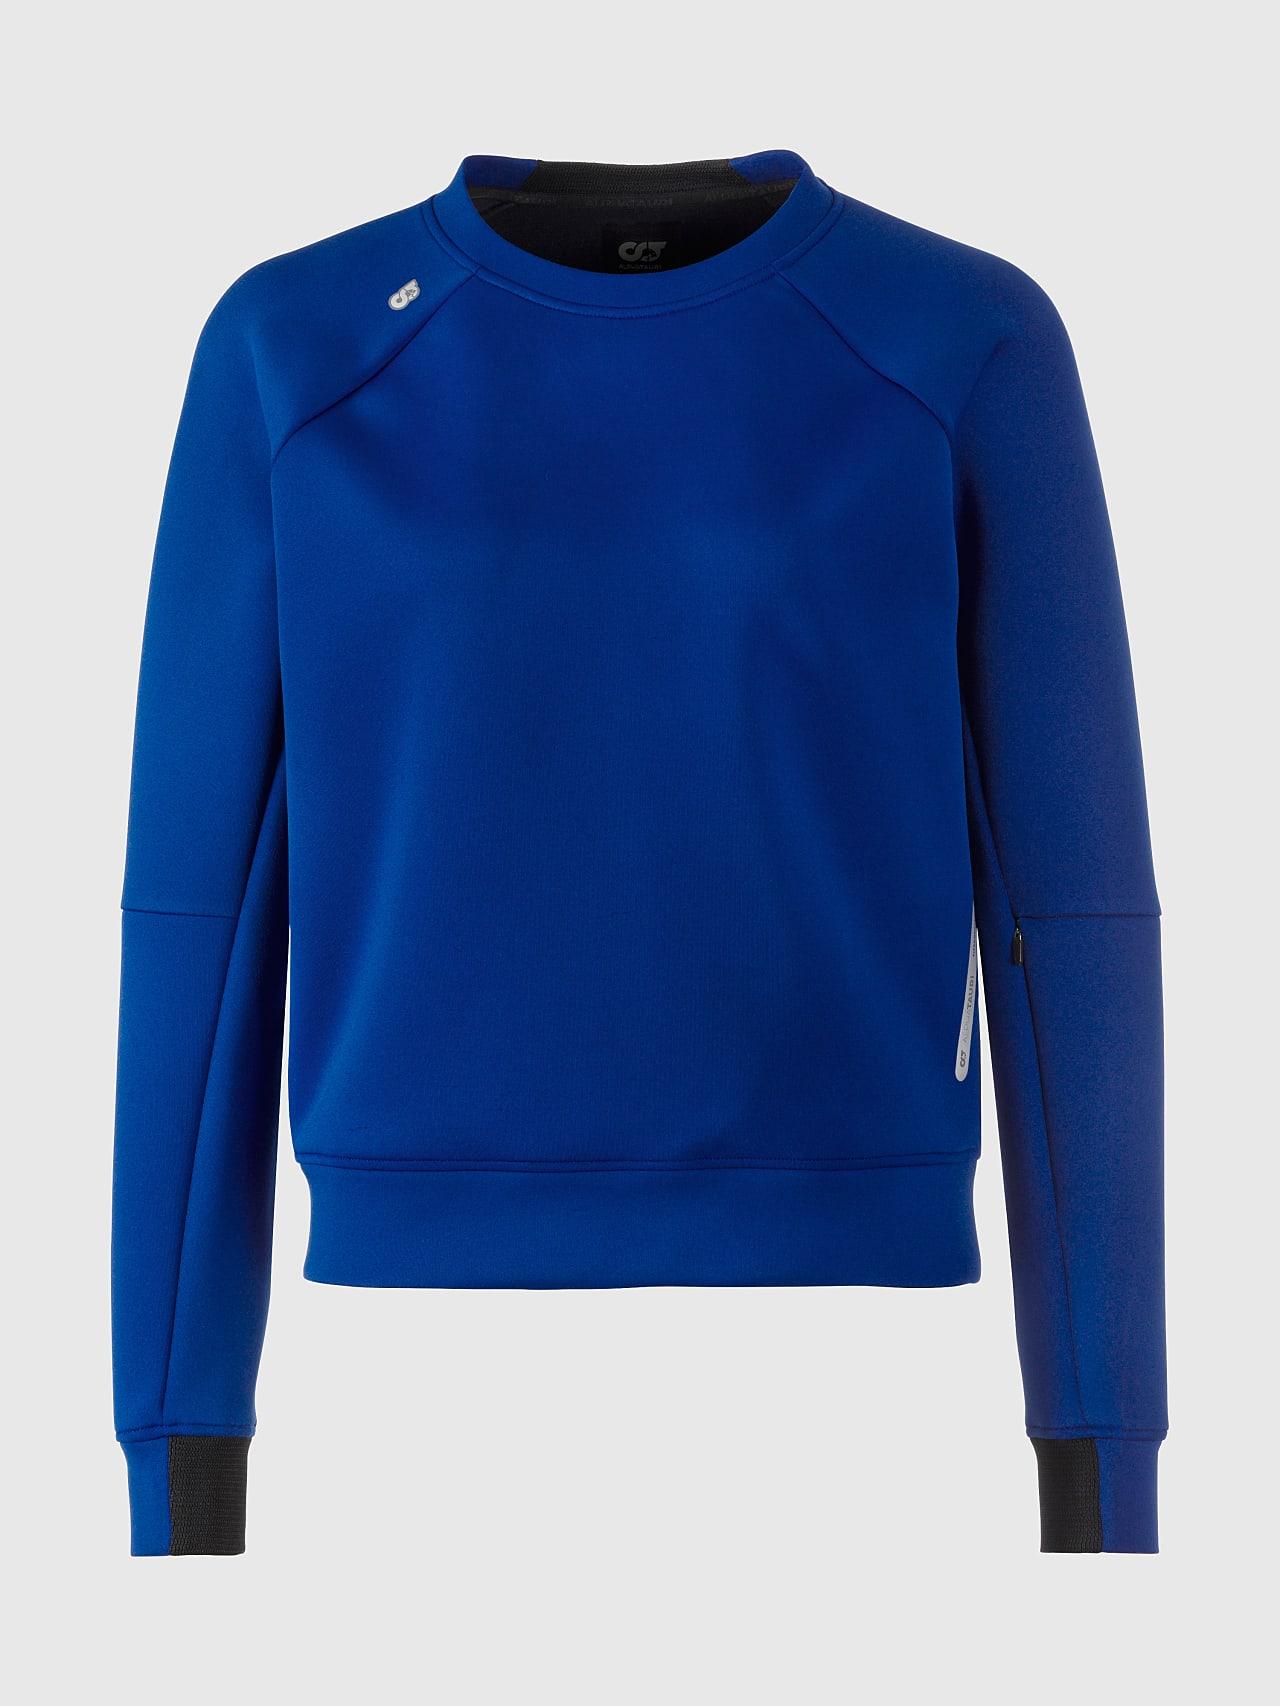 SINOV V1.Y5.01 Crewneck Sweater blue Back Alpha Tauri